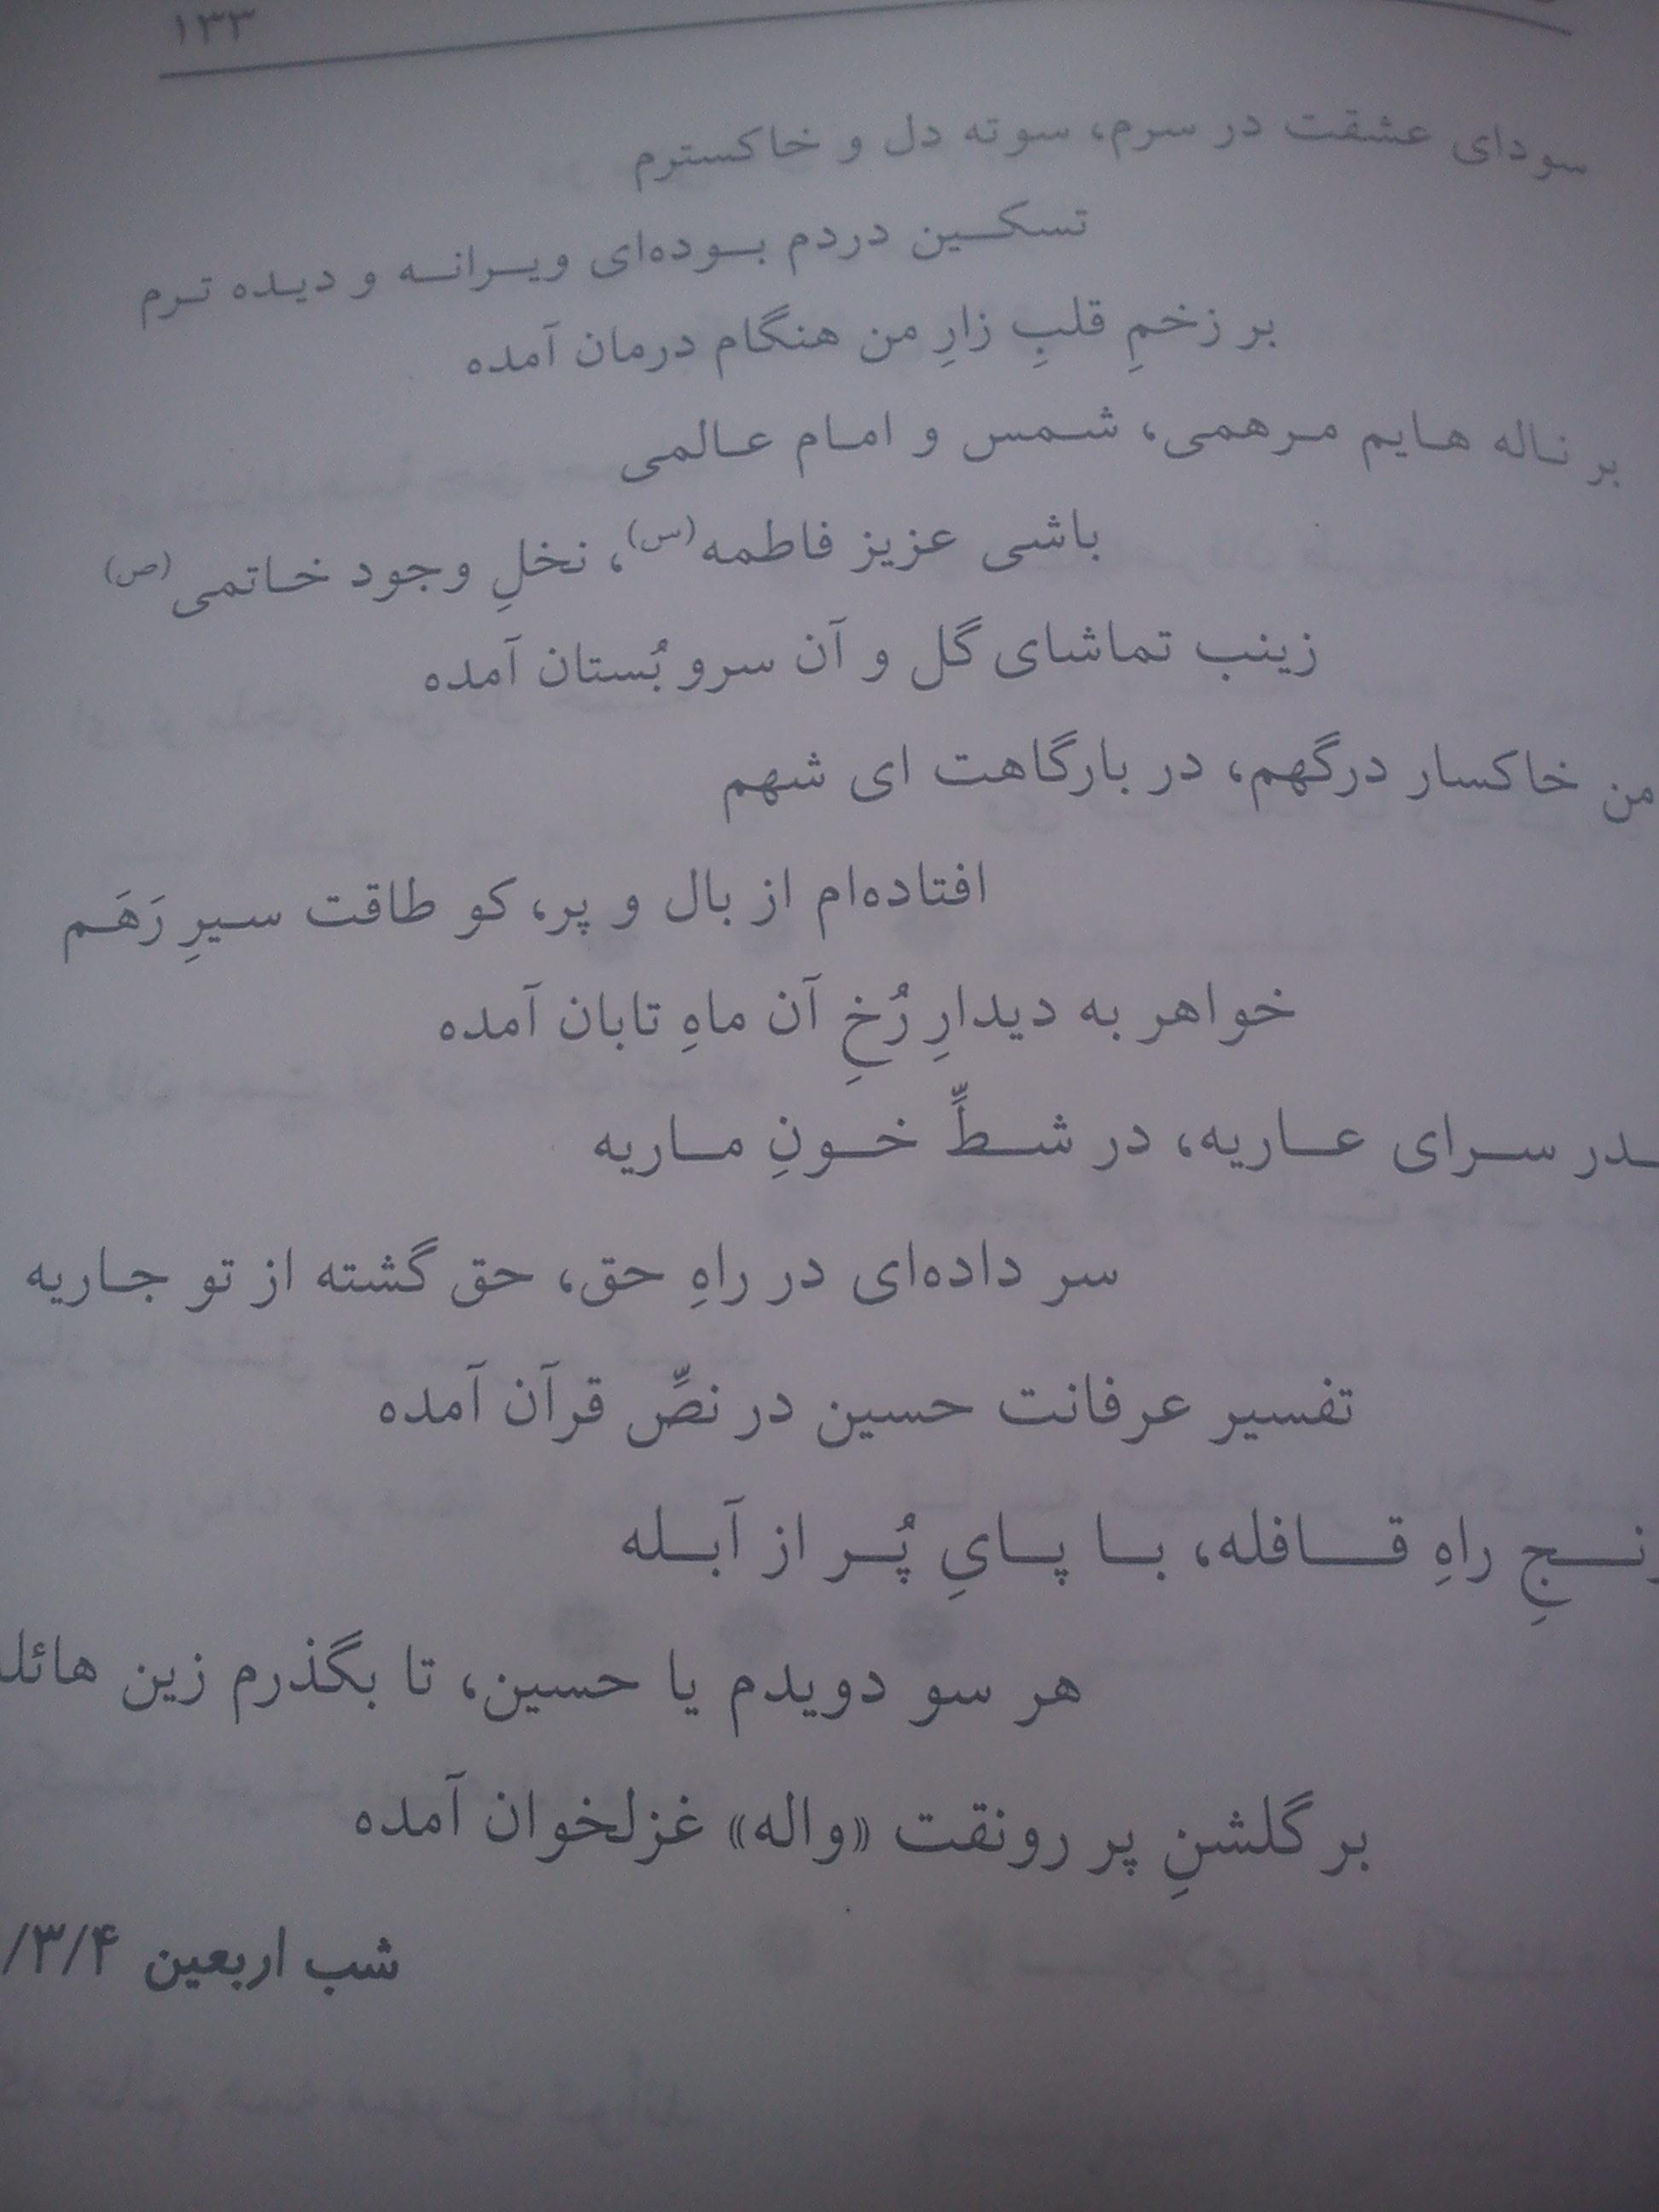 کدام سوره همنام یکی از شهرهای ایران است